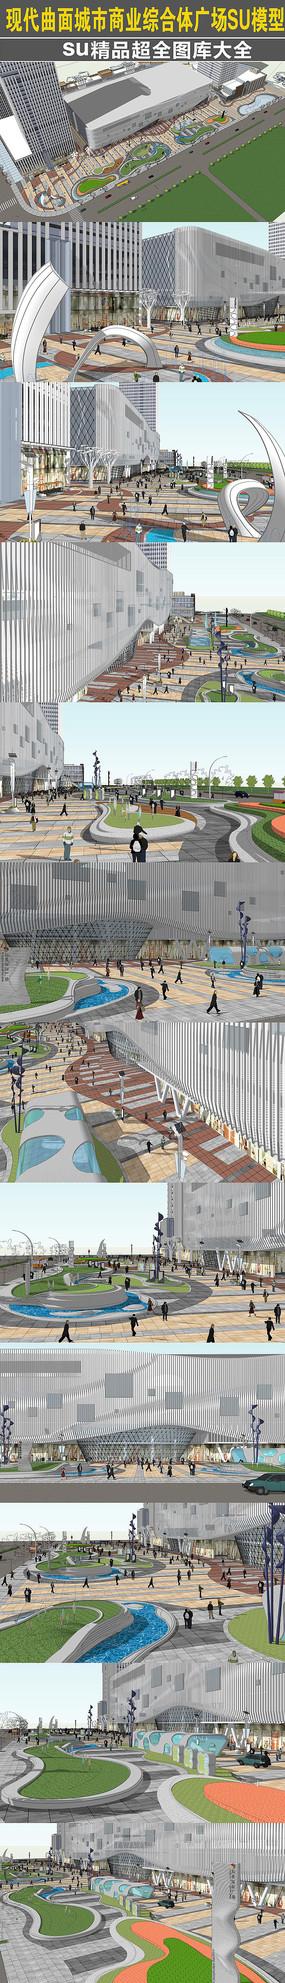 现代曲面城市商业综合体广场